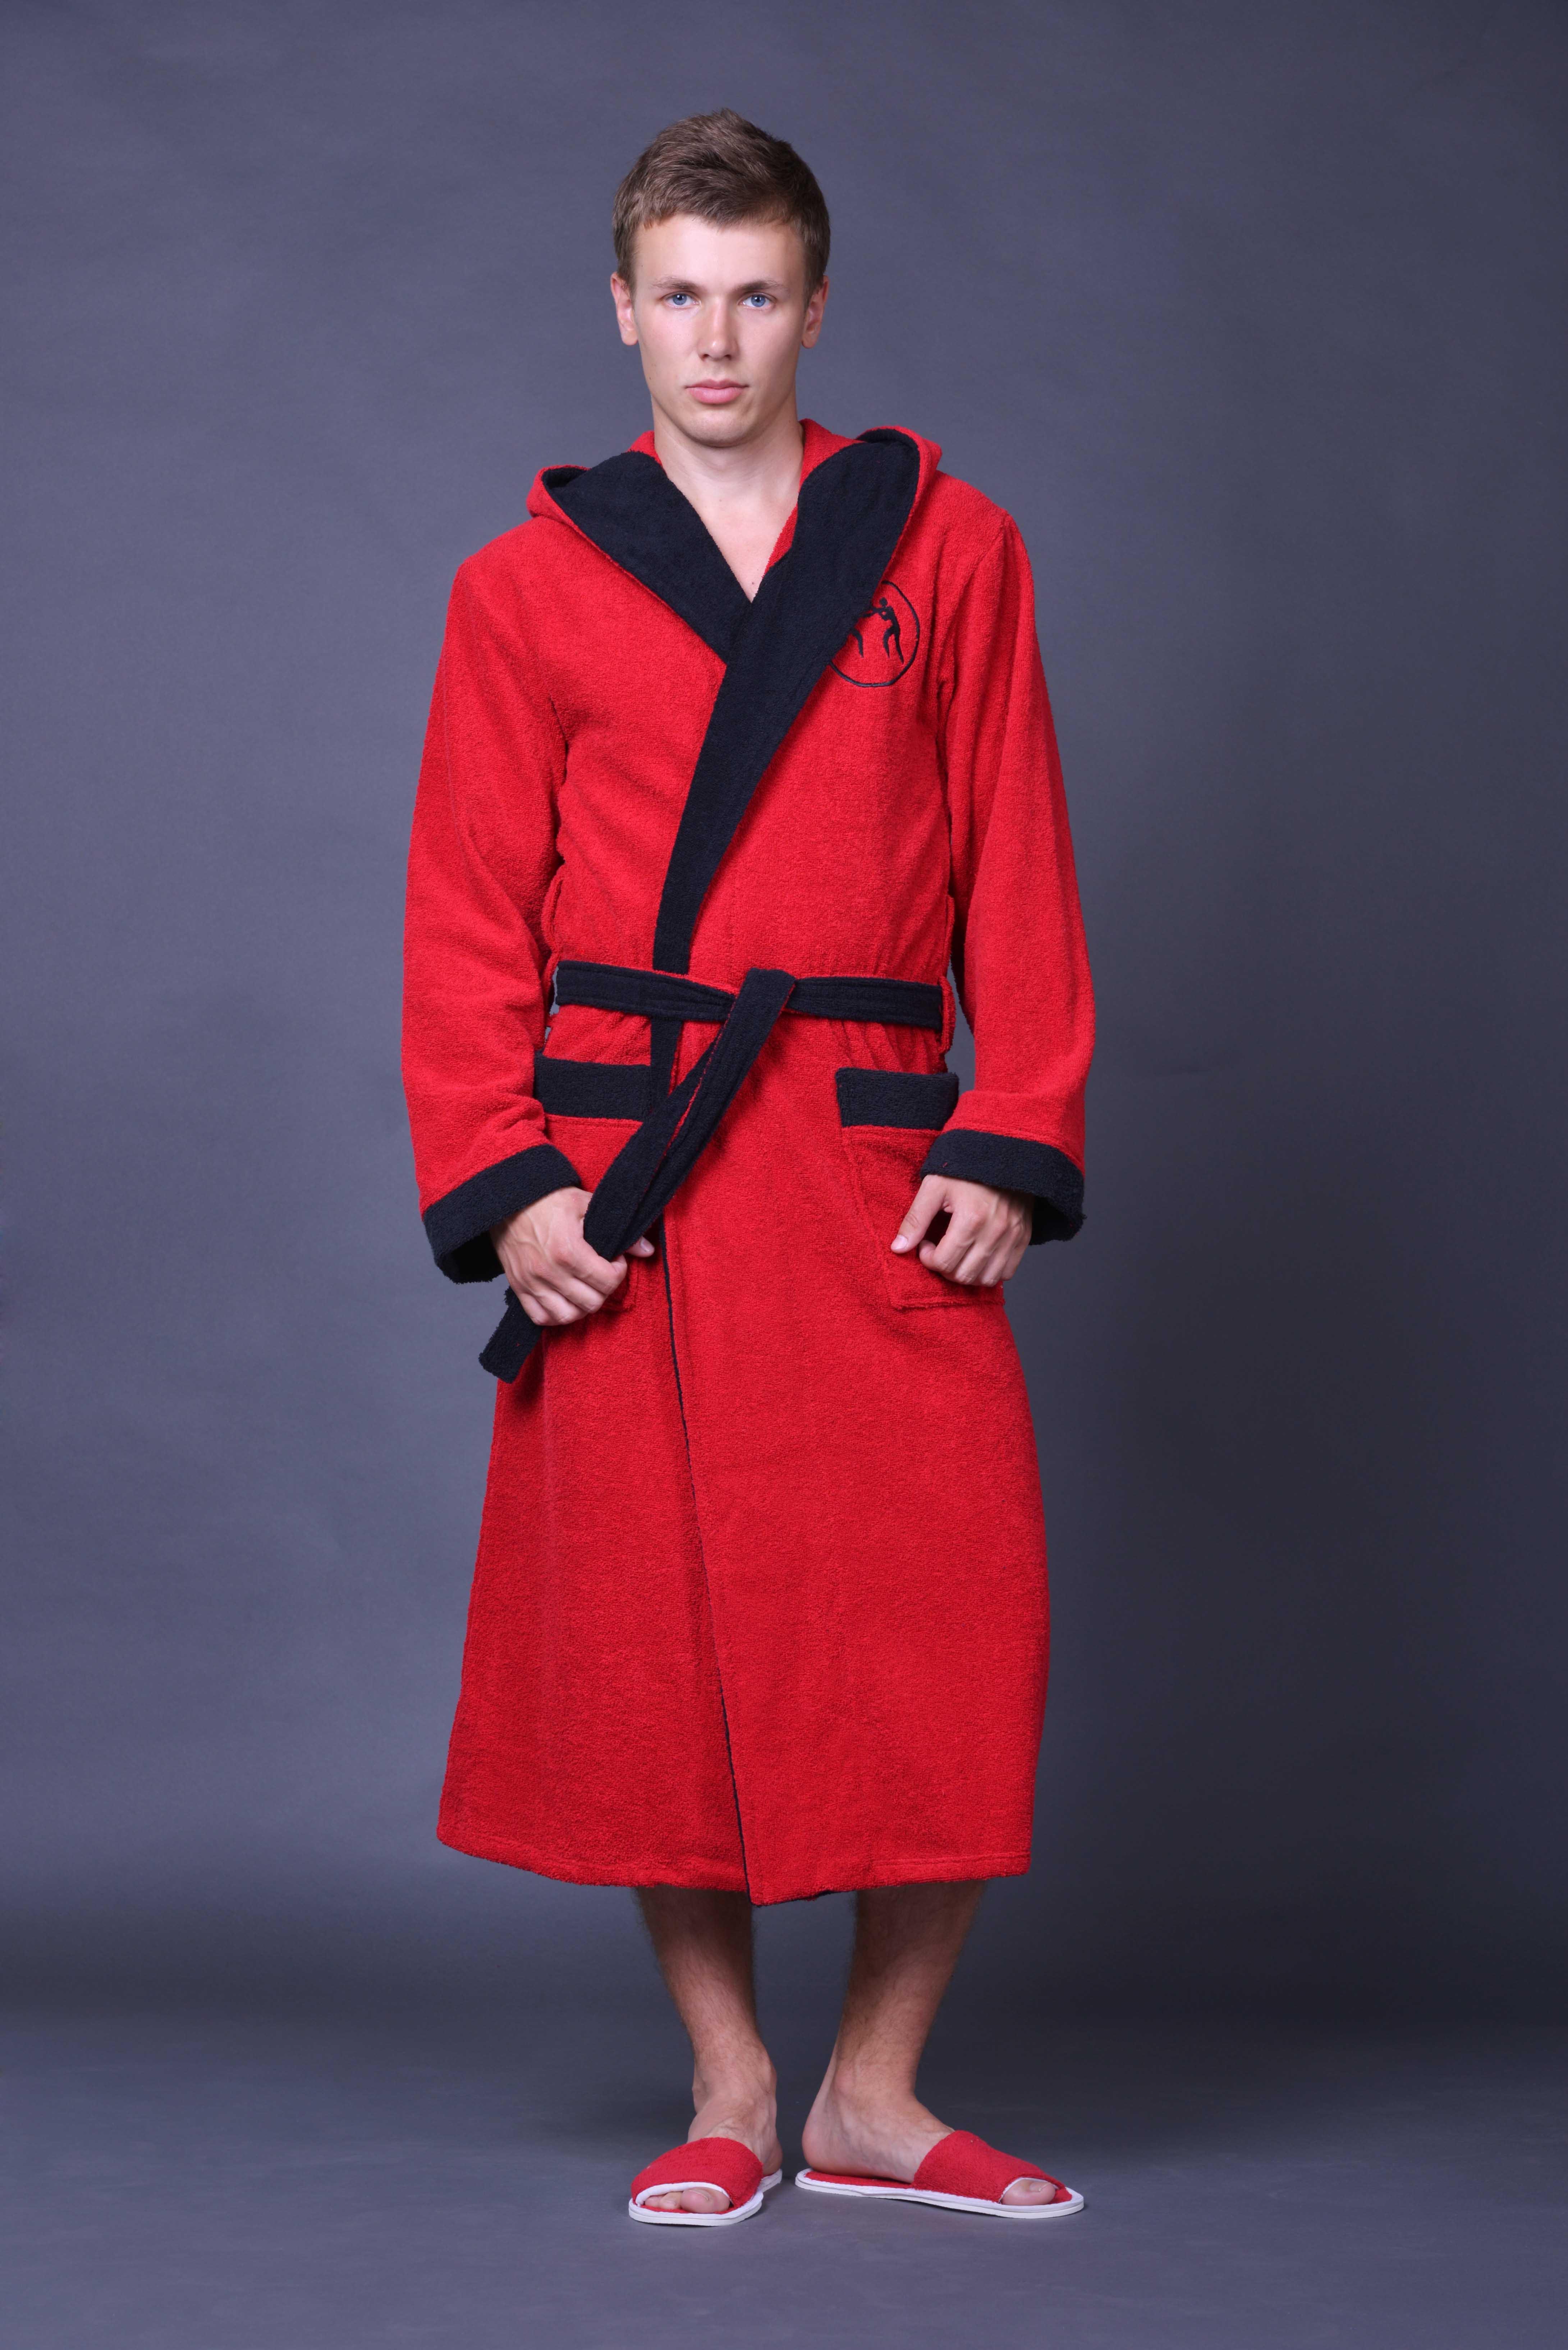 Халат мужской Борец запашнойМужские халаты<br><br><br>Размер: 46